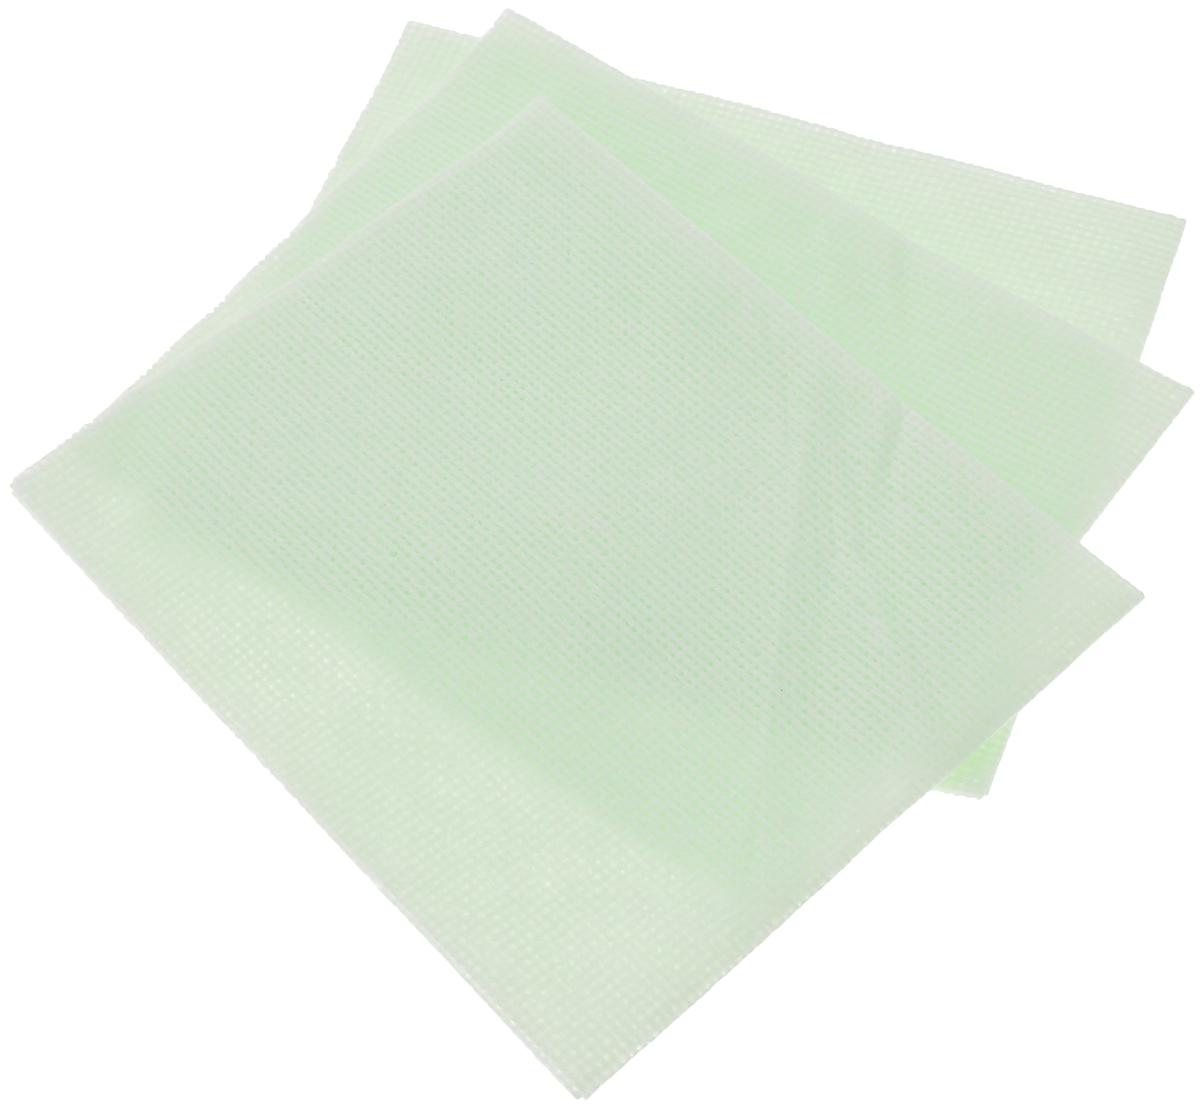 Салфетка бамбуковая La Chista, цвет: мятный, 30 х 34 см, 3 шт787502Бамбуковая салфетка для уборки La Chista предназначена для удаления жира и загрязнений с любых поверхностей без использования моющих средств.Особенности салфетки:- жироотталкивающие свойства;- антибактериальный эффект.Состав: 70% бамбуковое волокно, 20% полиэстер, 10% вискоза.Размер салфетки: 30 х 34 см.